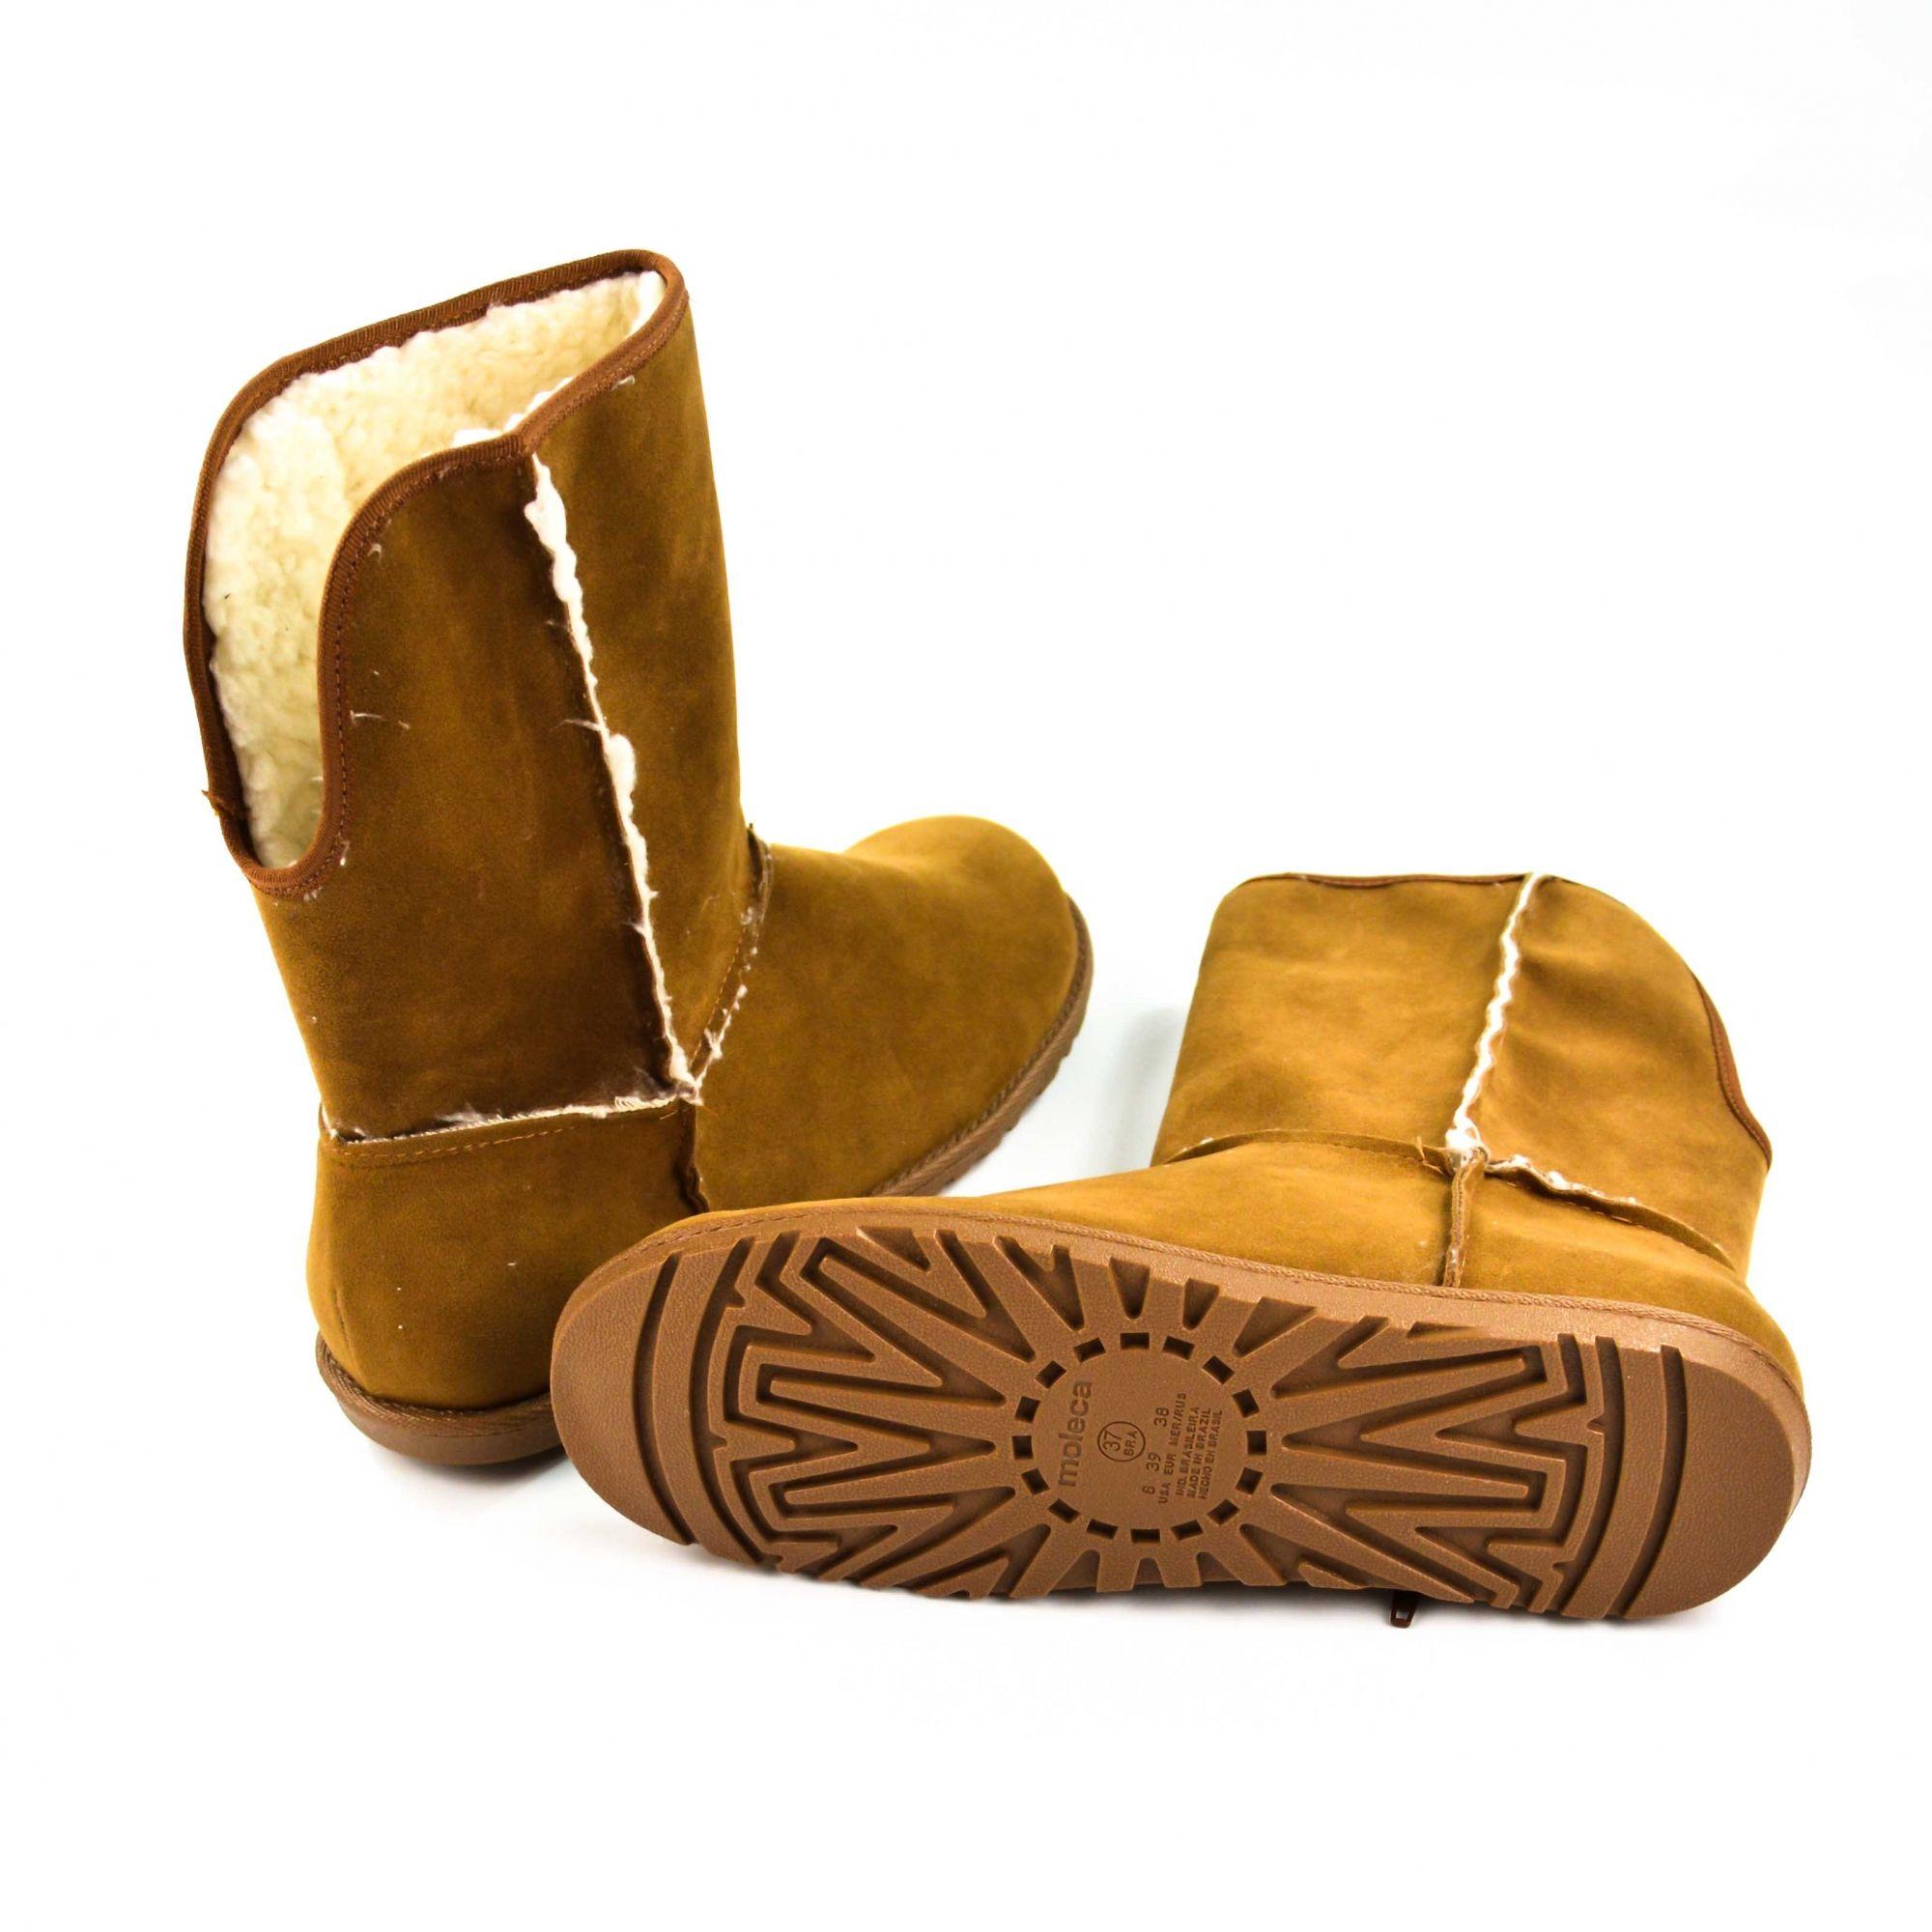 Bota 39 Pelinhos Caramelo Moleca 5317.205 - 013451